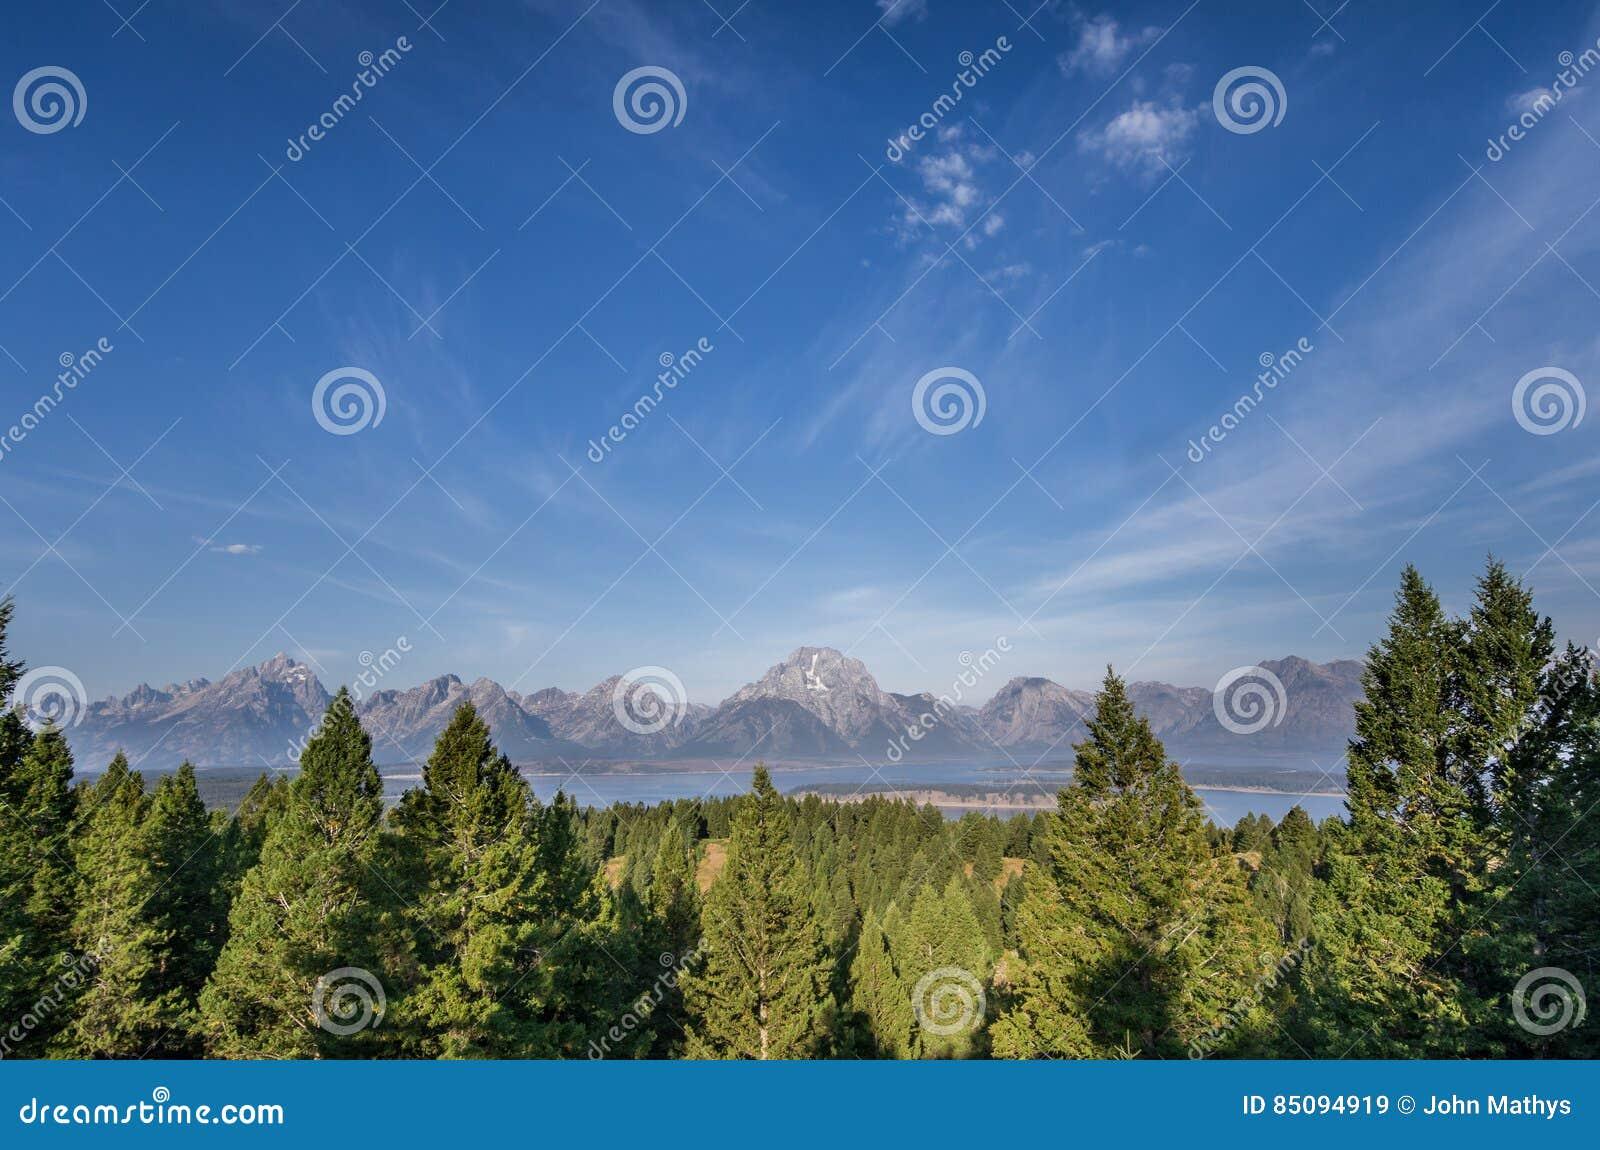 山脉在蓝天下